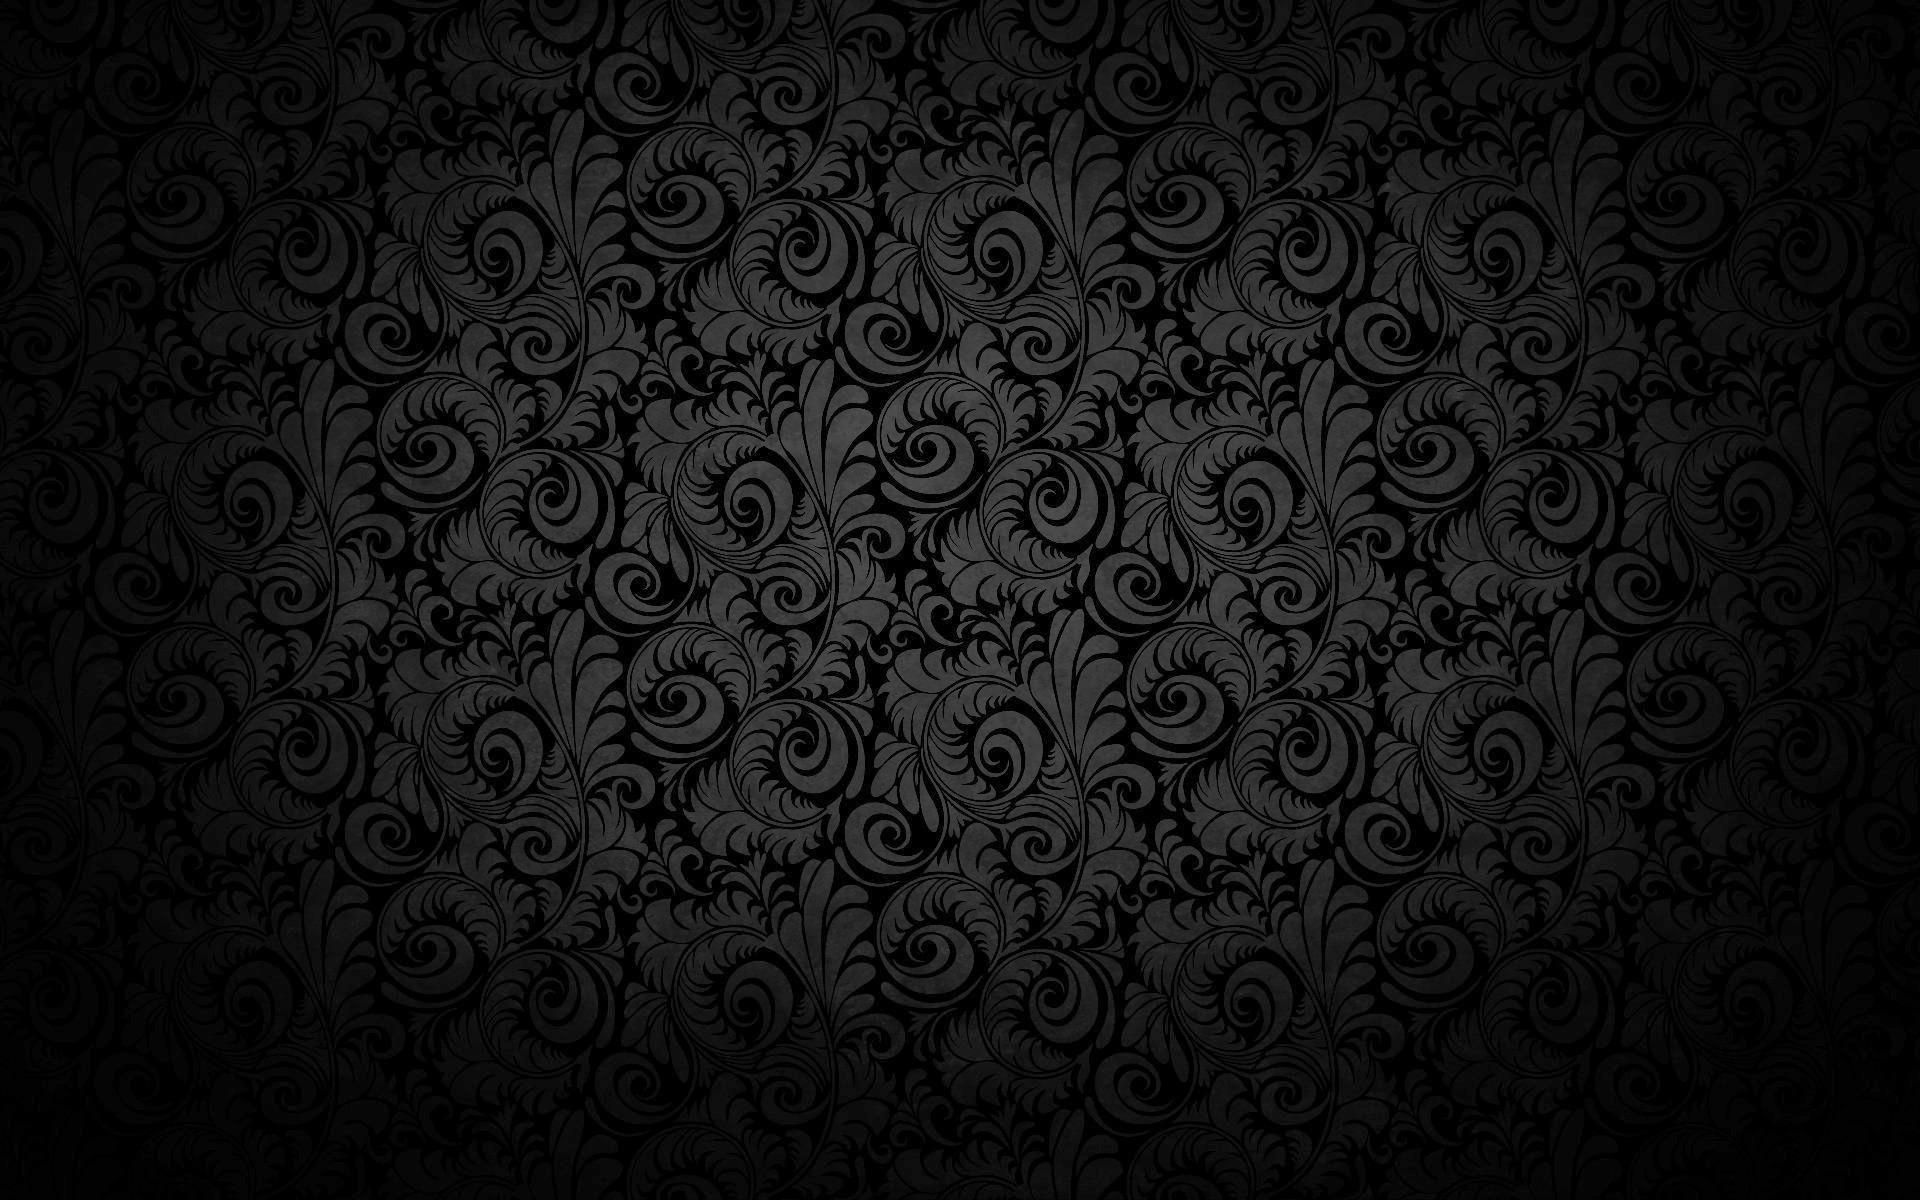 Cool Background Good Design F50 Super Wallpaper 壁紙, 生活, 元気